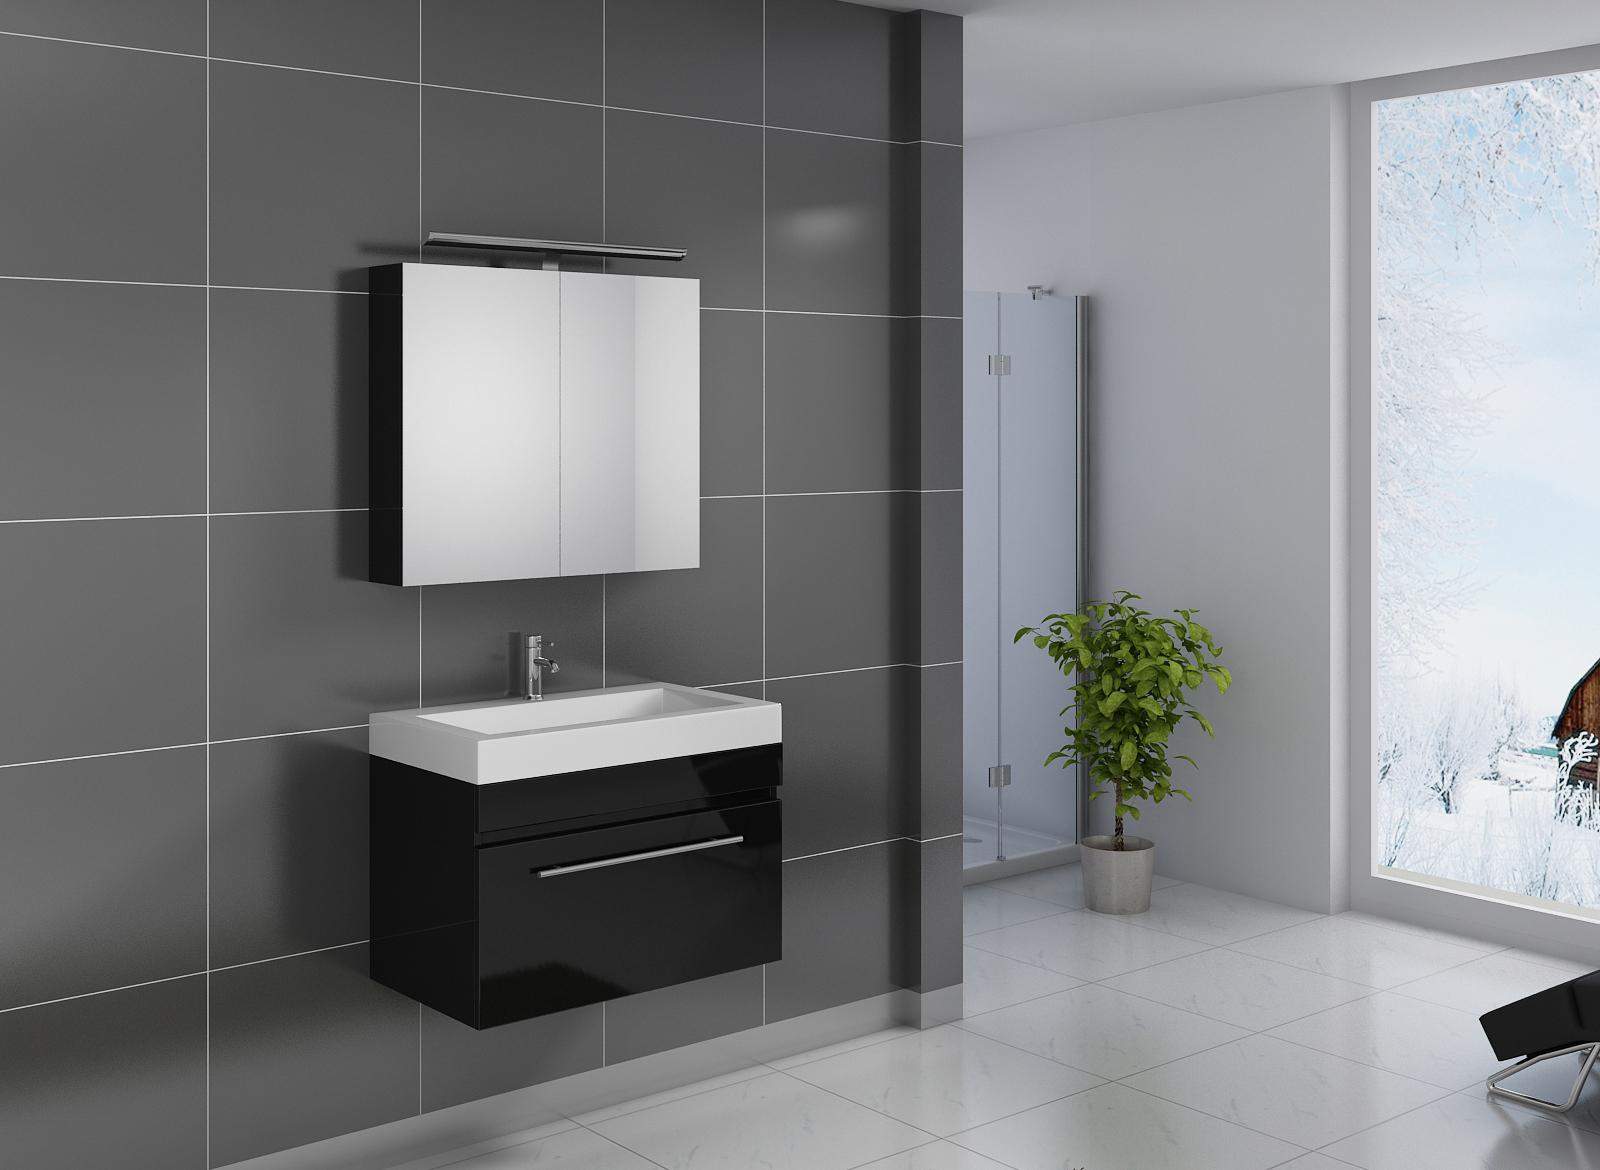 Sam 2tlg Badezimmer Set Spiegelschrank Schwarz 80 Cm Lunik Demnachst